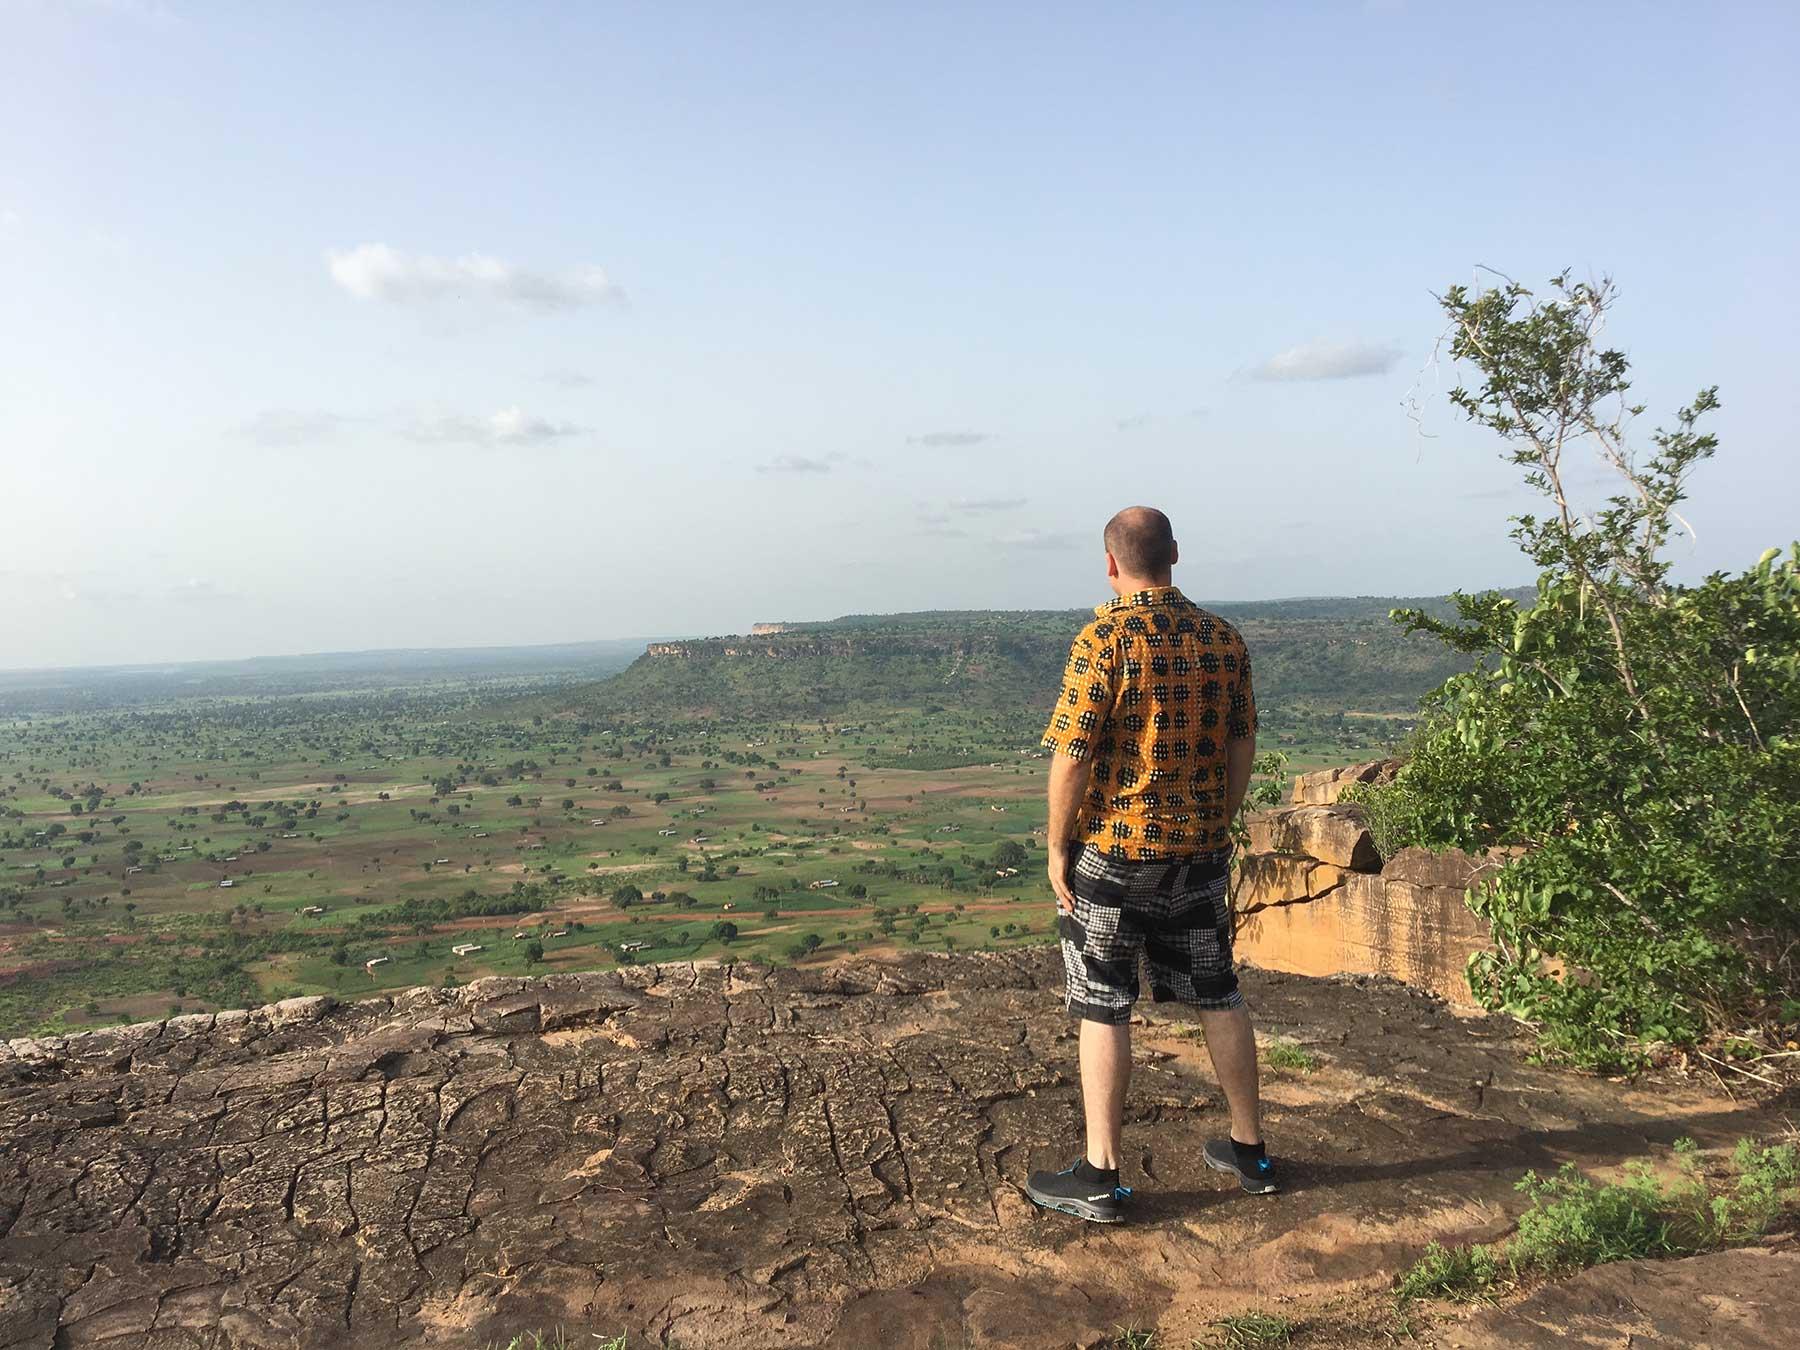 Blick überhalb der Grotten von Nok in den Norden Togos bei Regenzeit